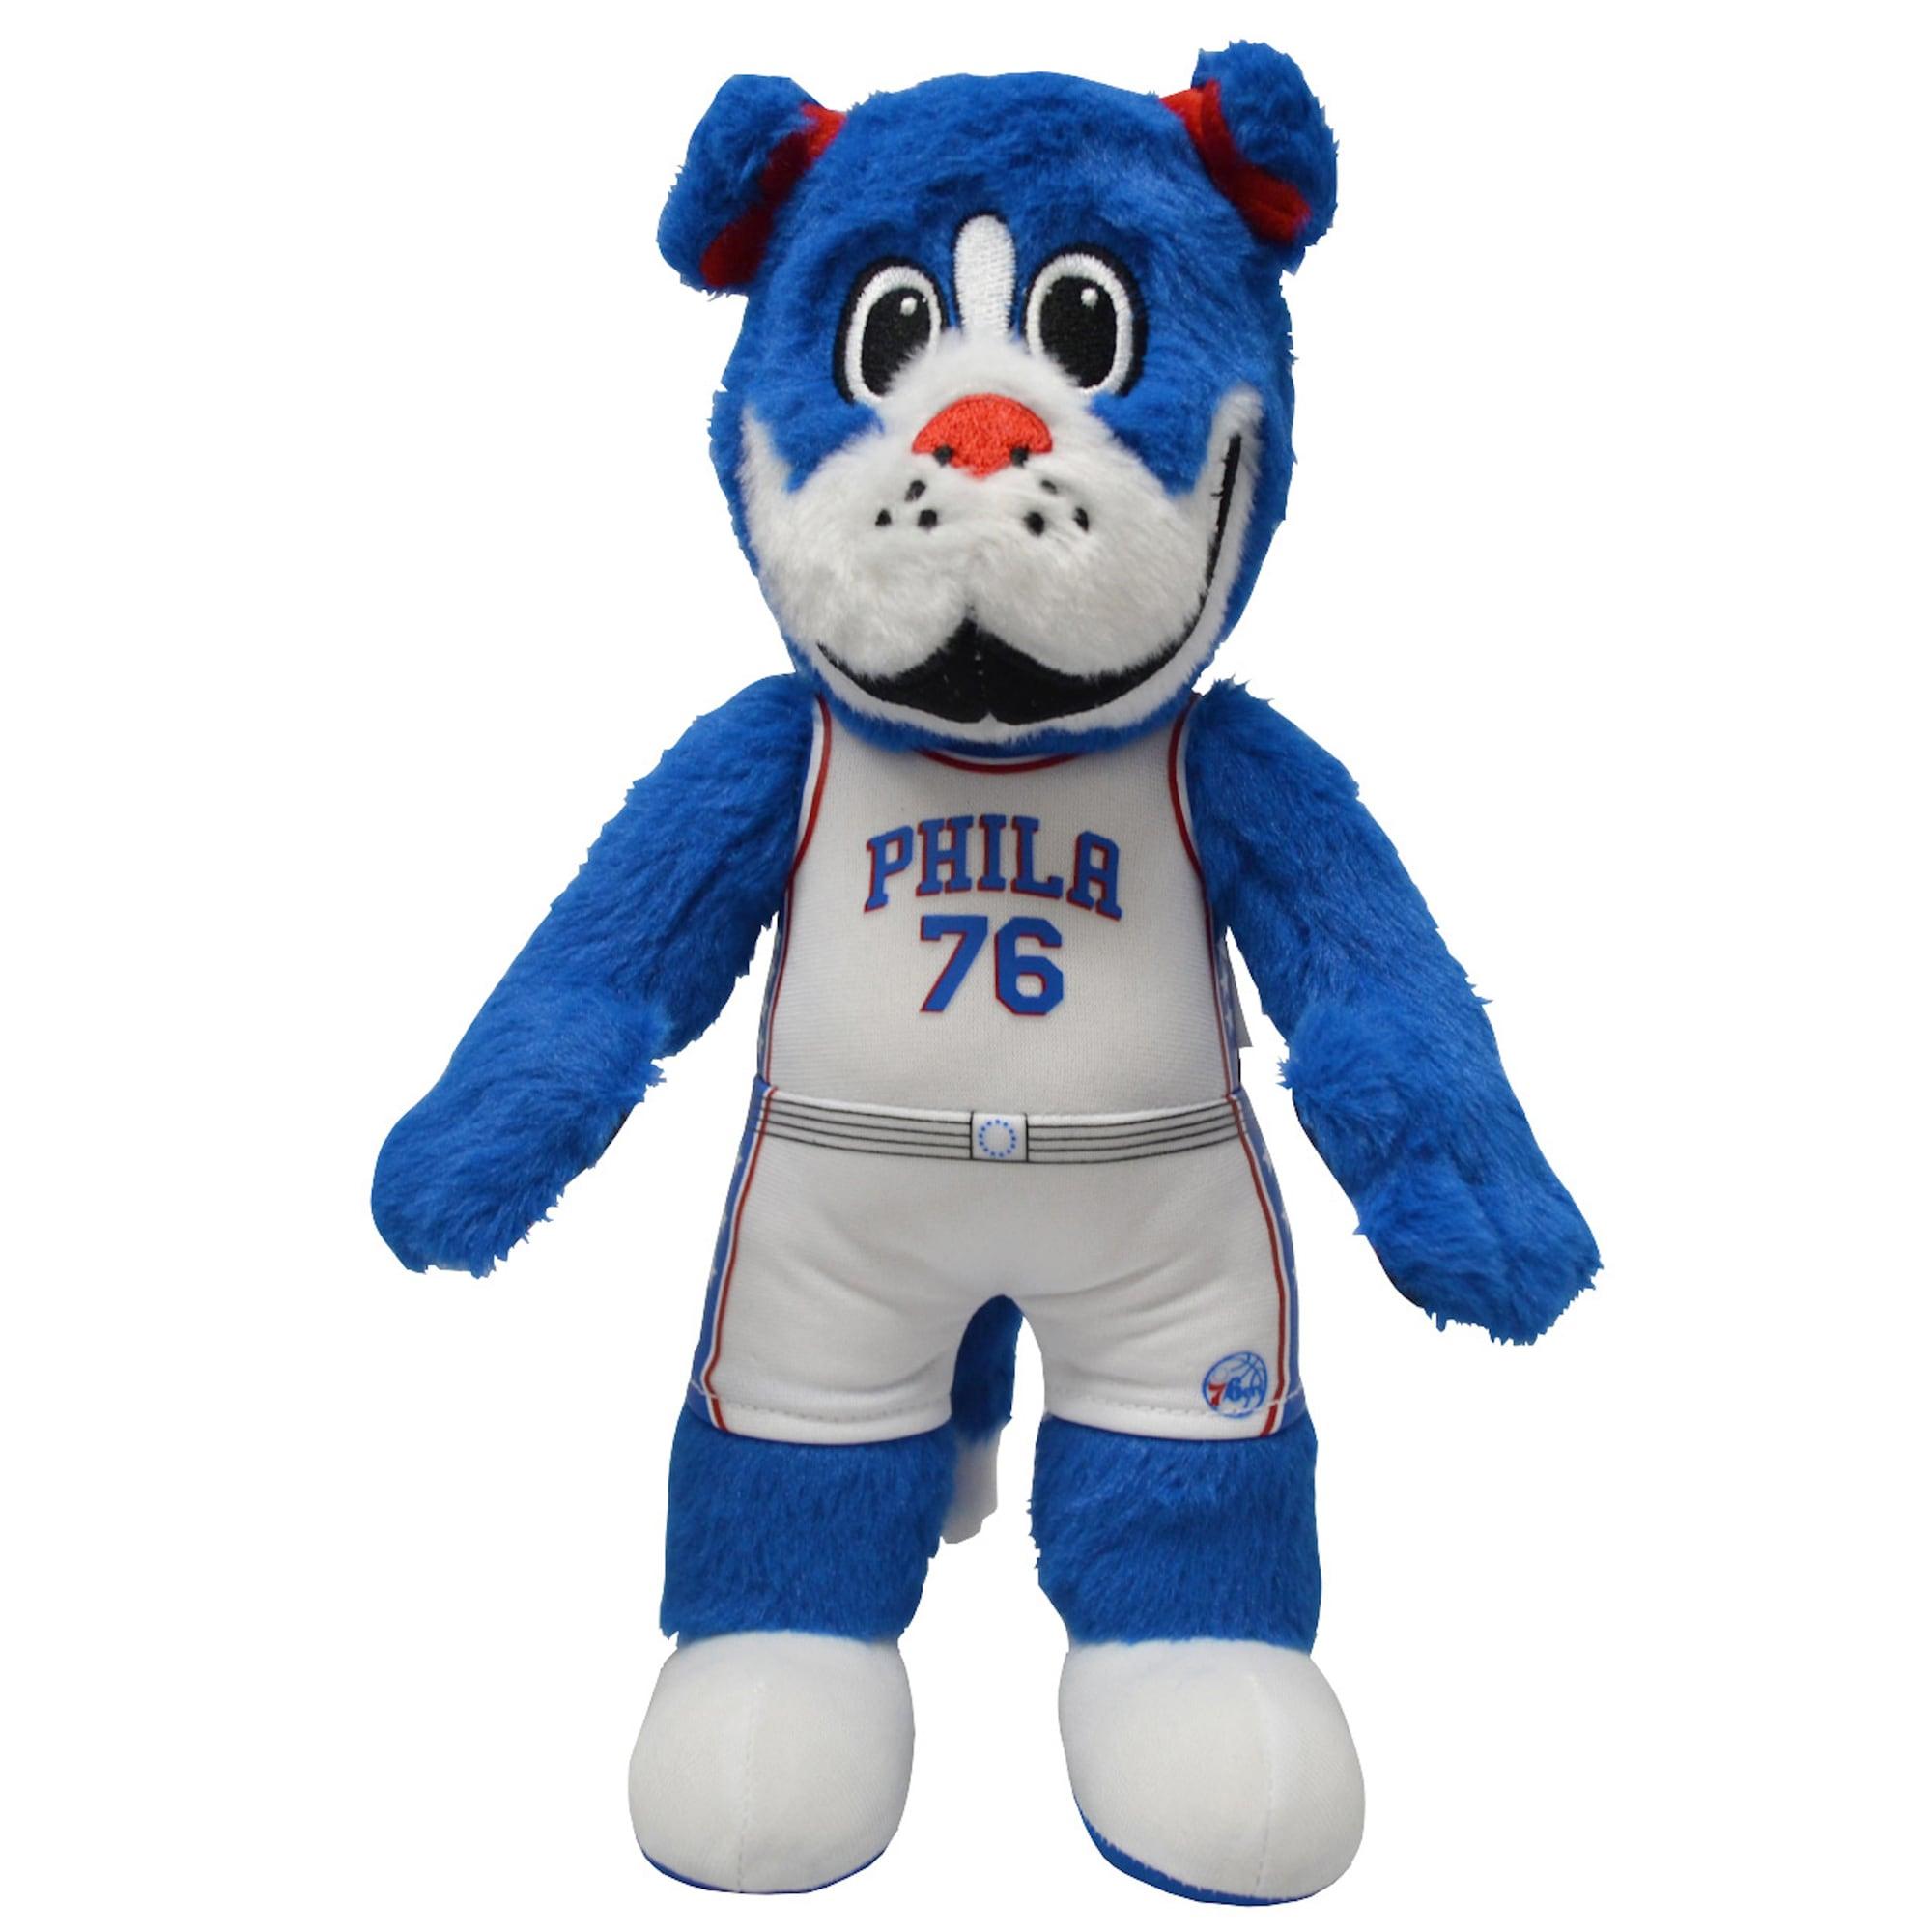 Philadelphia 76ers 10'' Plush Mascot Figure